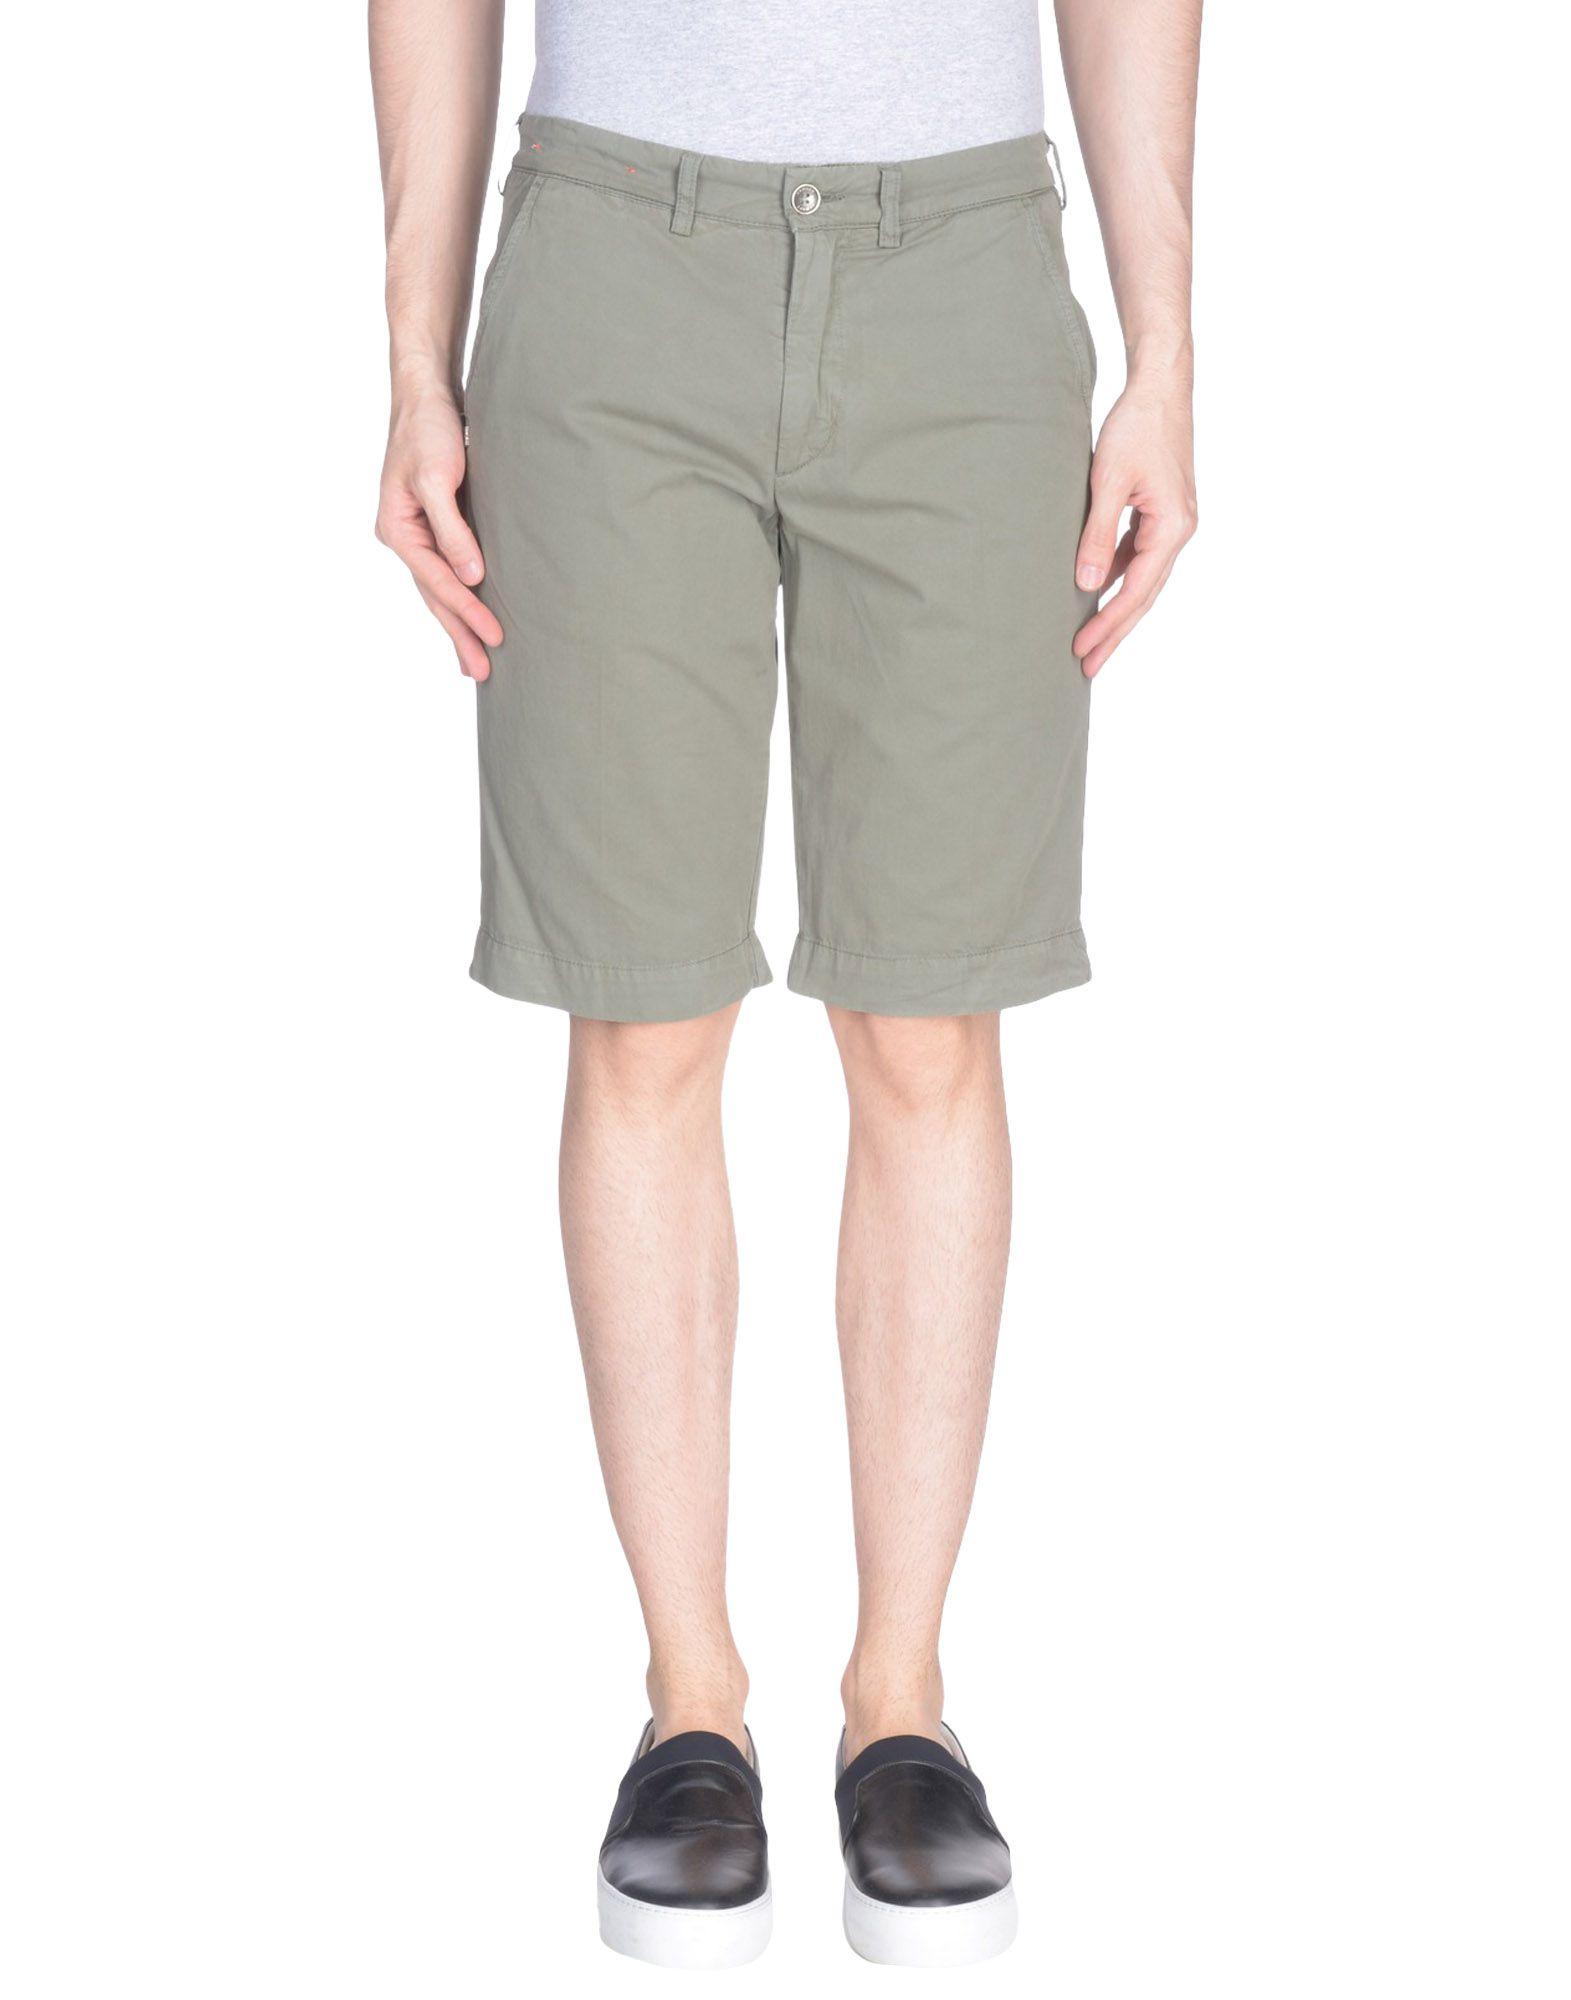 Shorts Shorts & Bermuda 40Weft uomo - 13114414UH  Finden Sie hier Ihren Favoriten